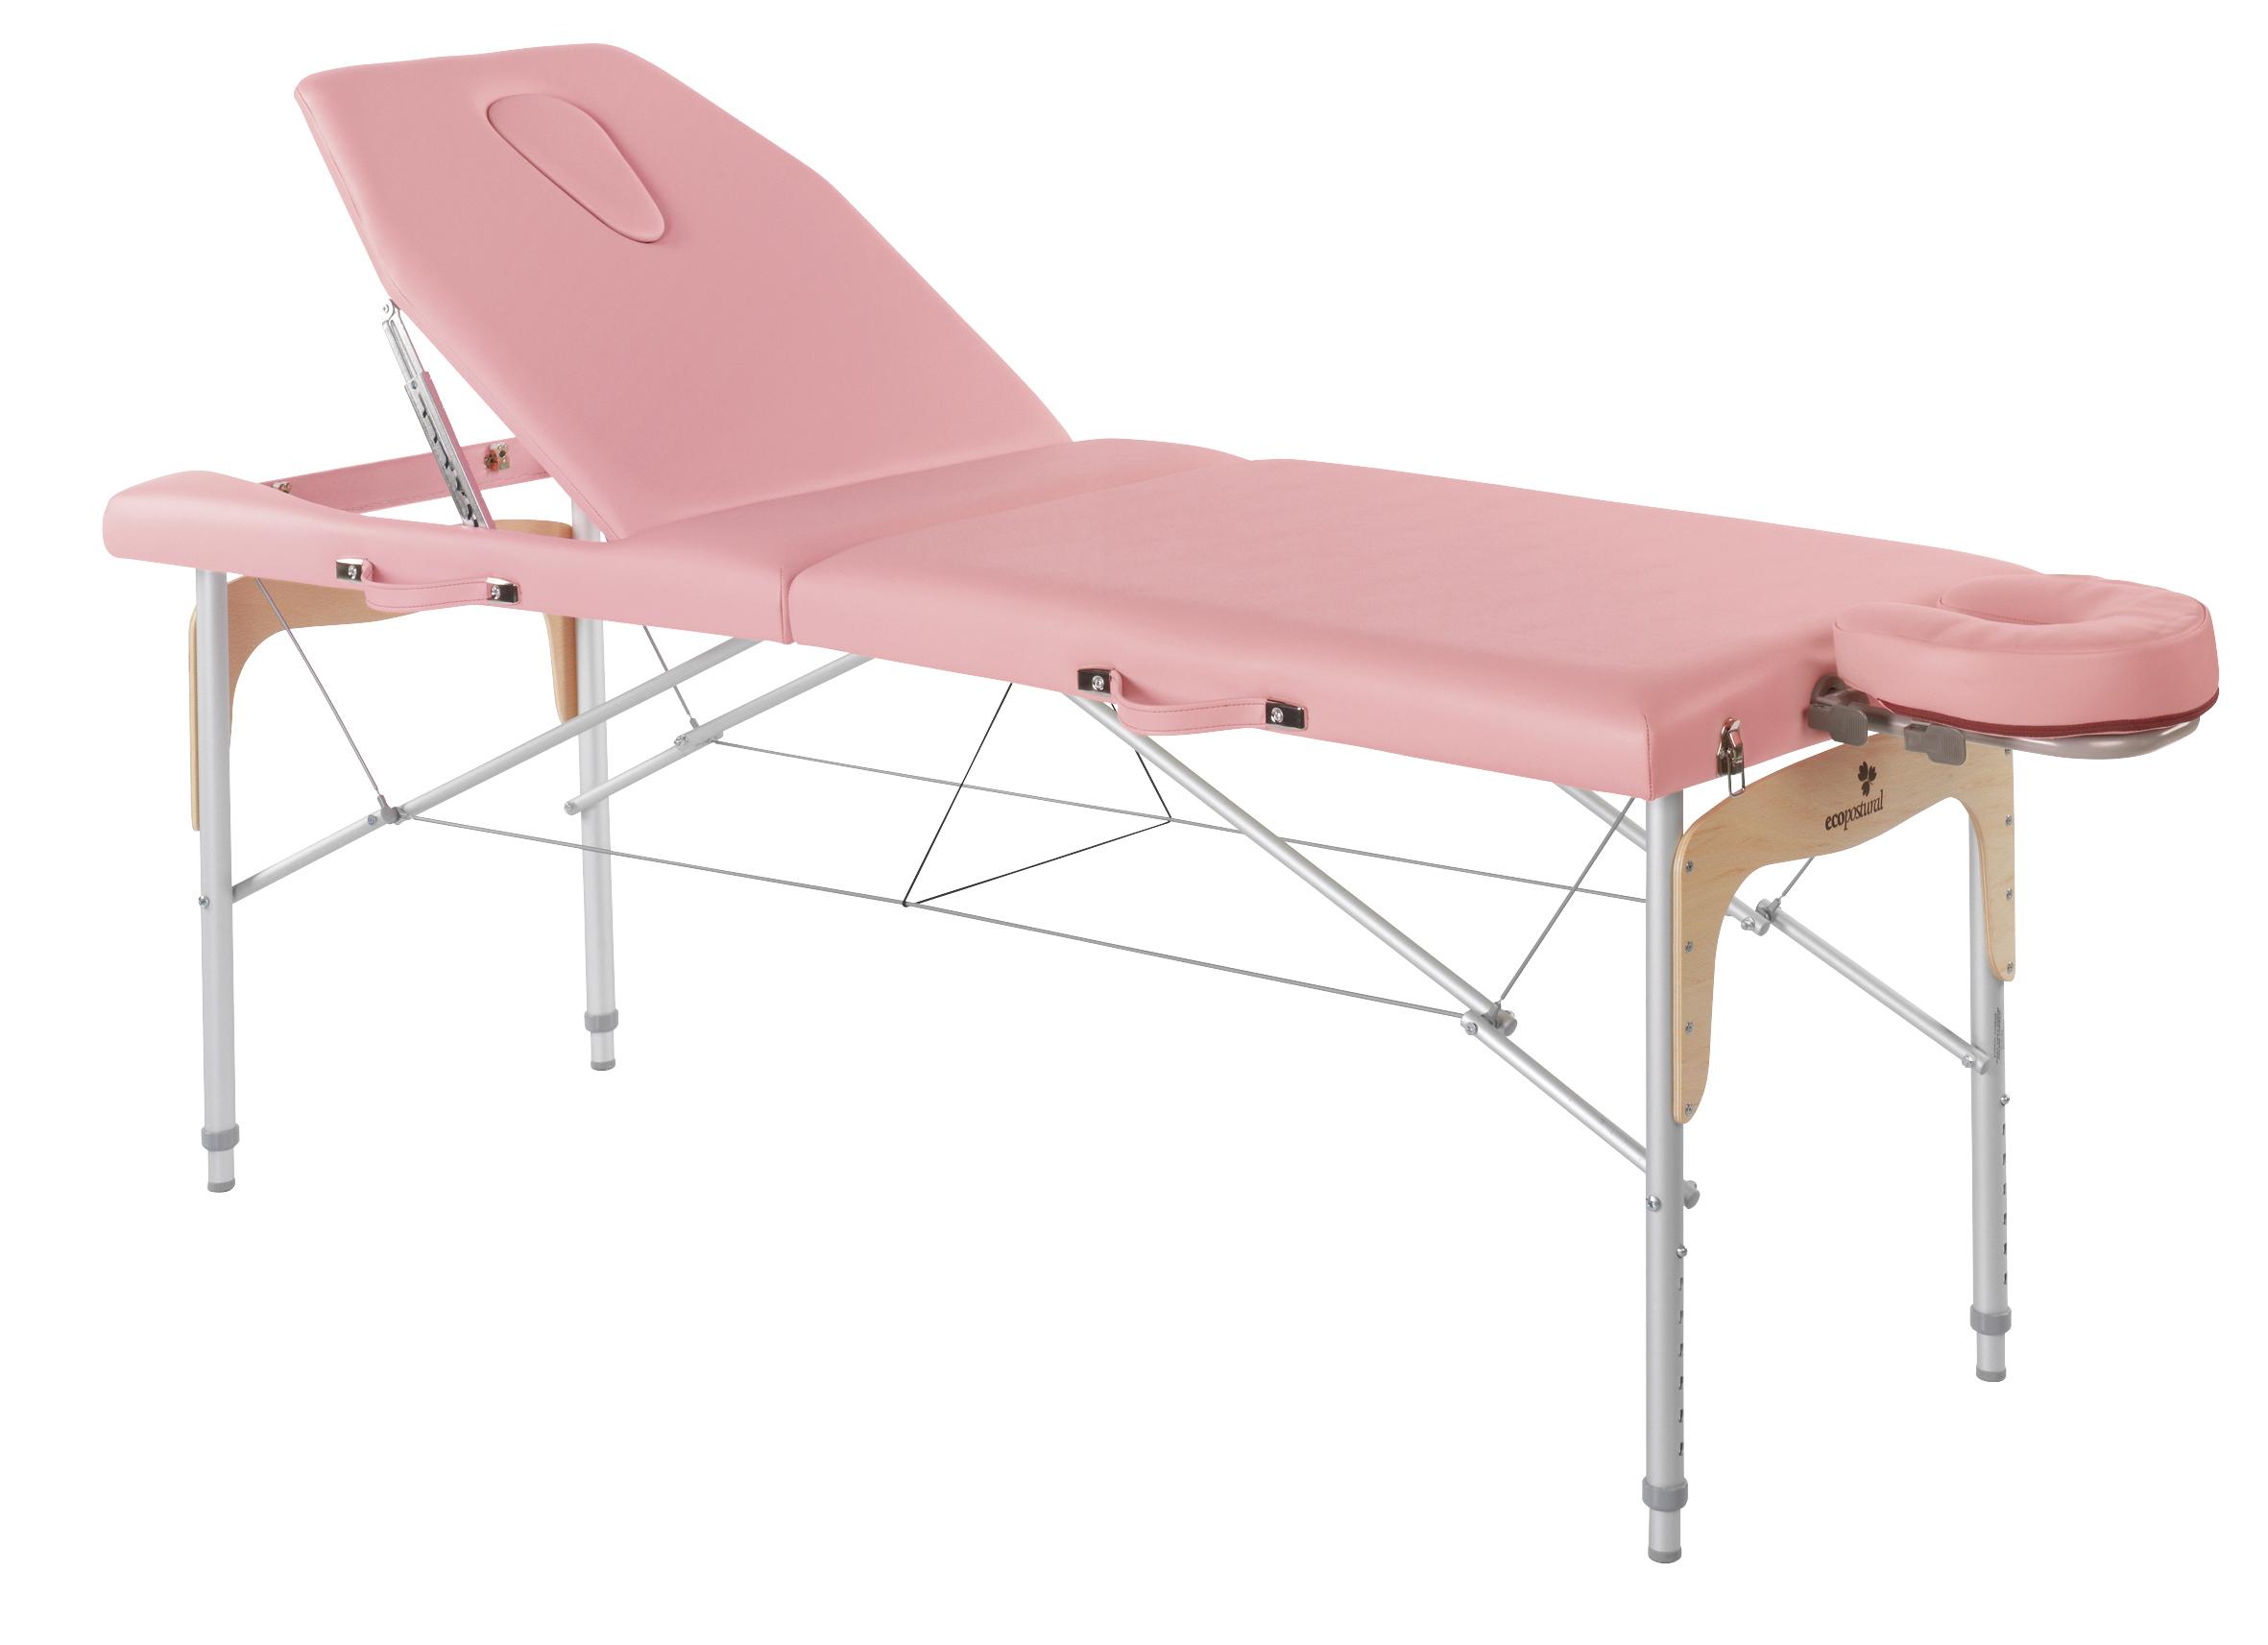 C3316 table de massage portable aluminium avec dossier